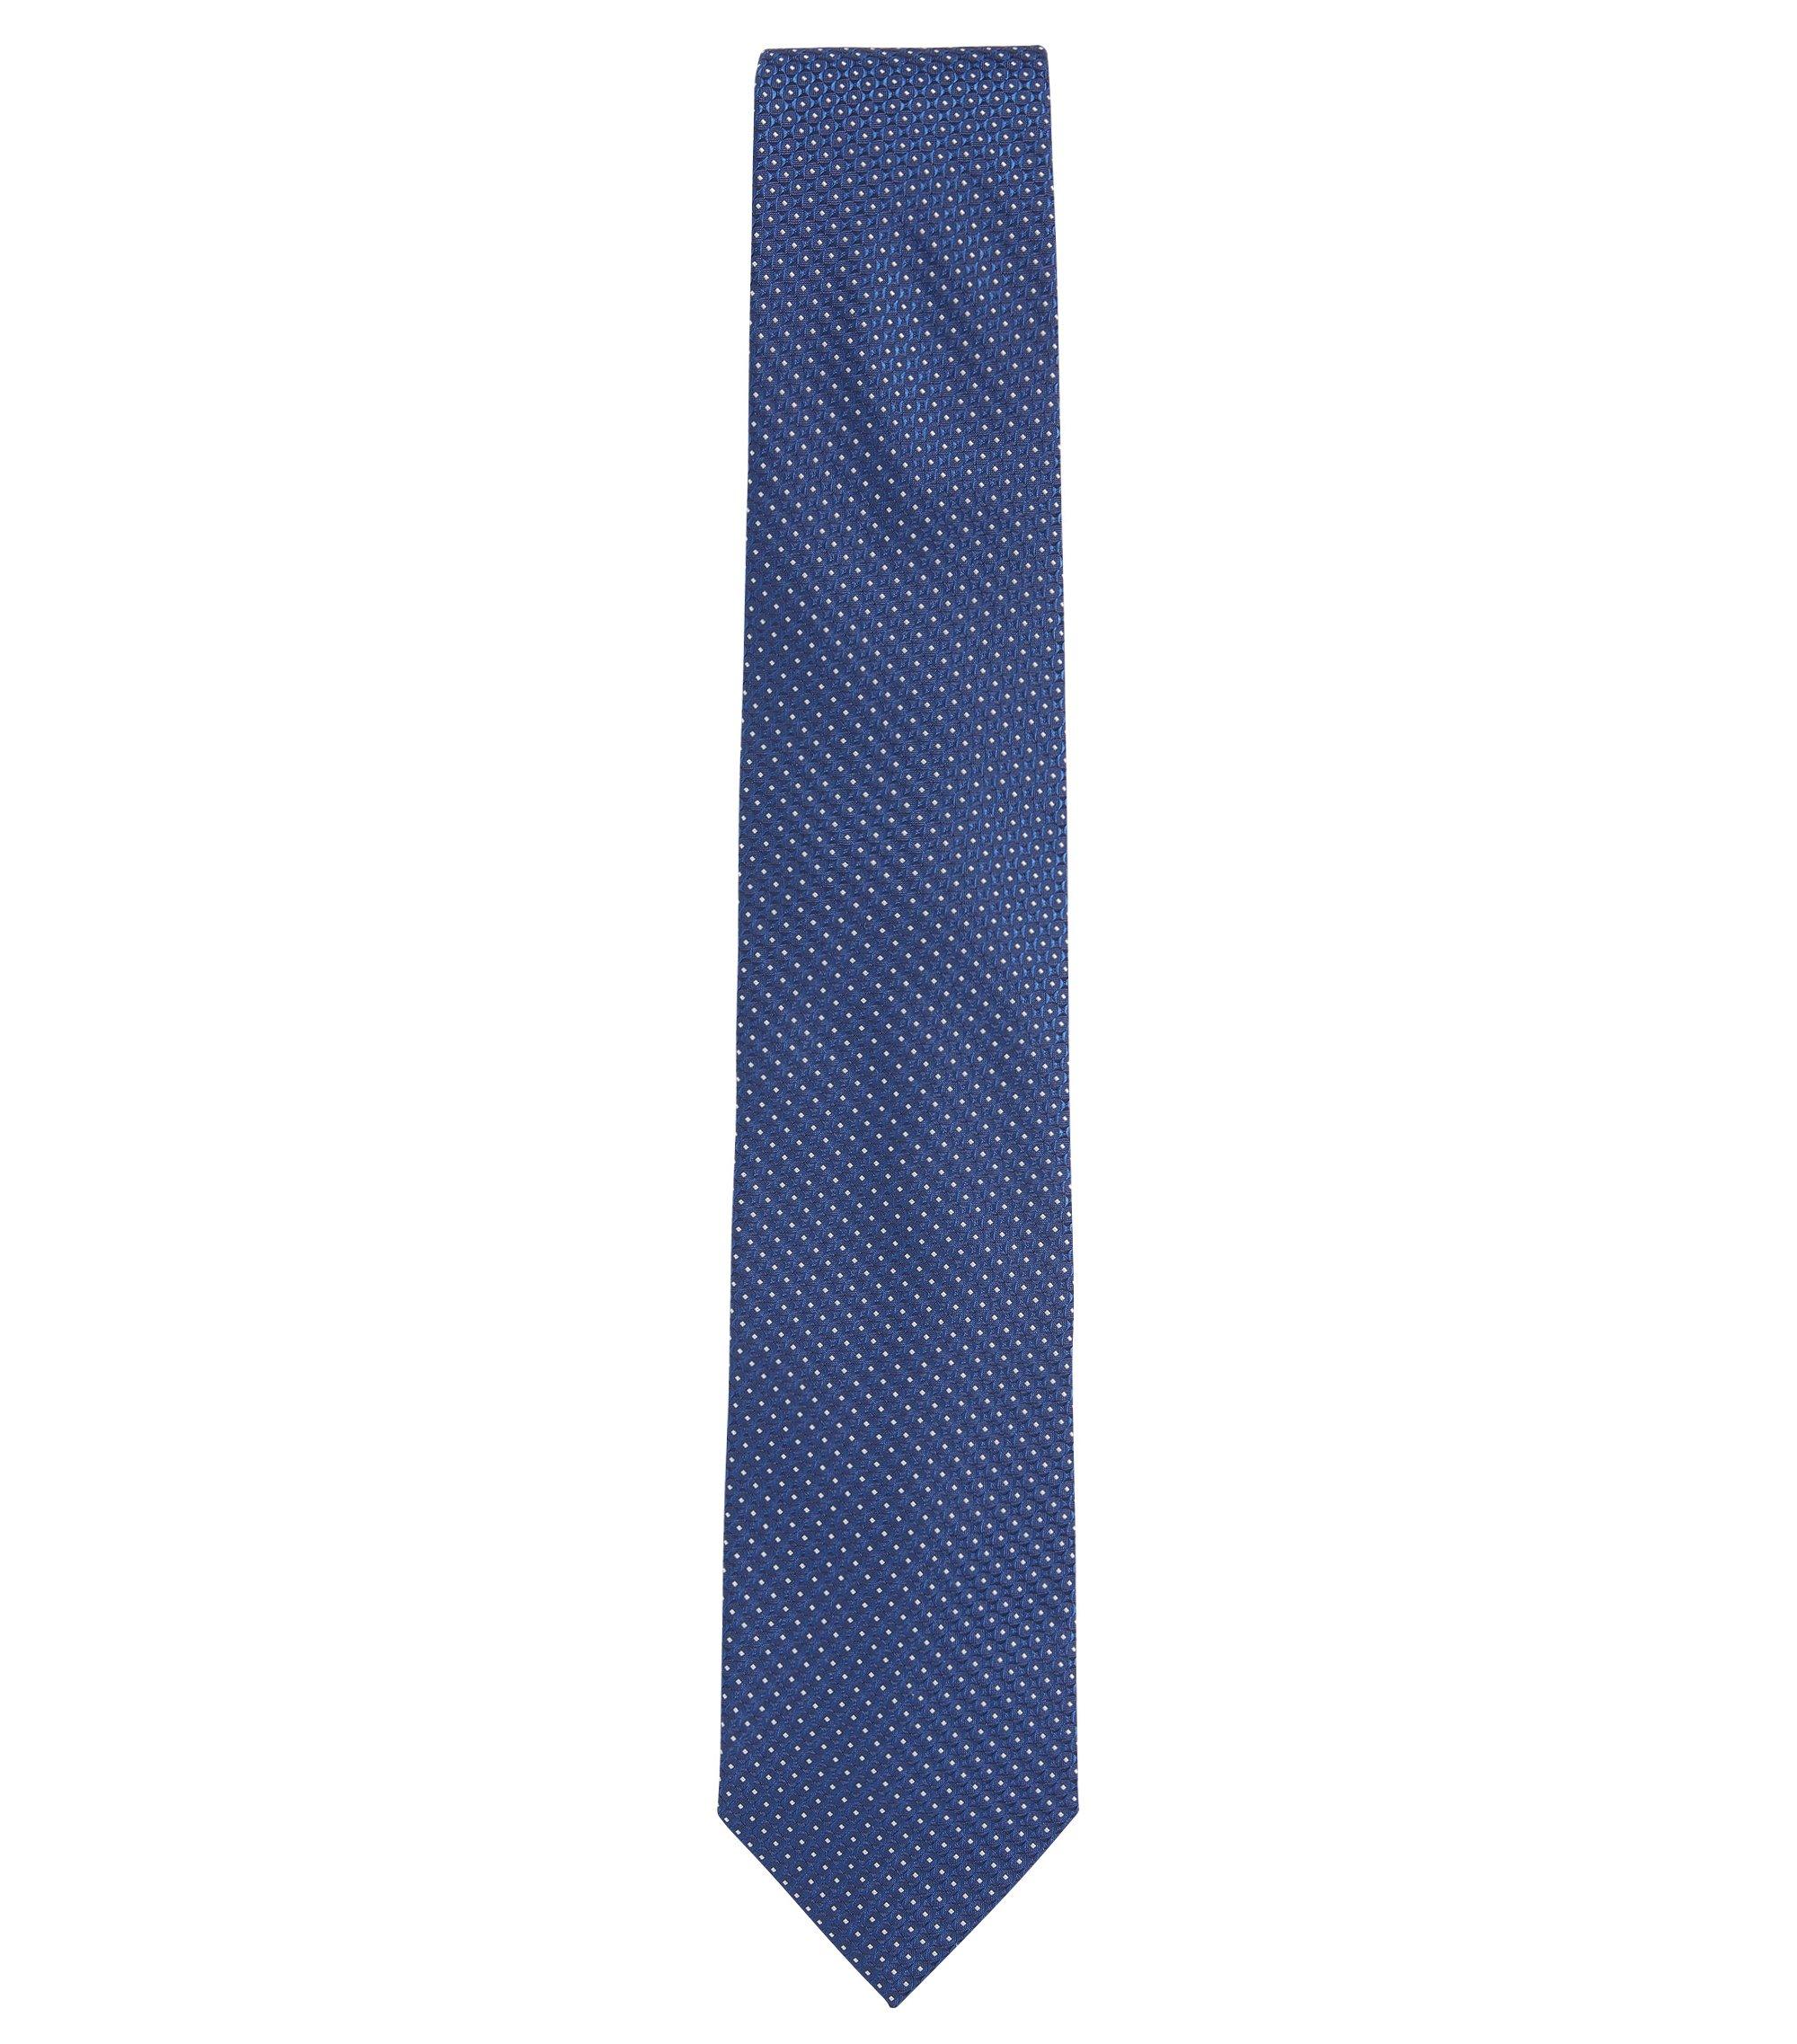 In Italië vervaardigde stropdas van zijden jacquard met dessin, Donkerblauw